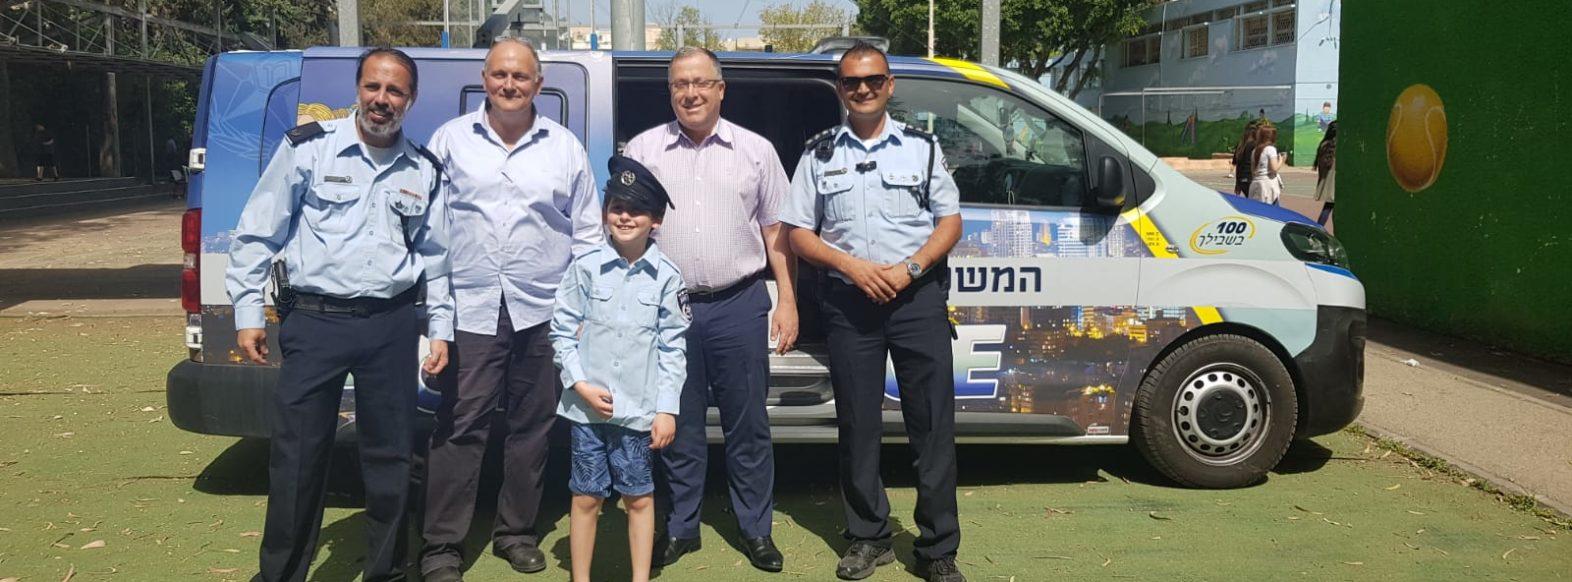 יוזמה משותפת וברוכה של משטרת ישראל ועיריית קריית ביאליק